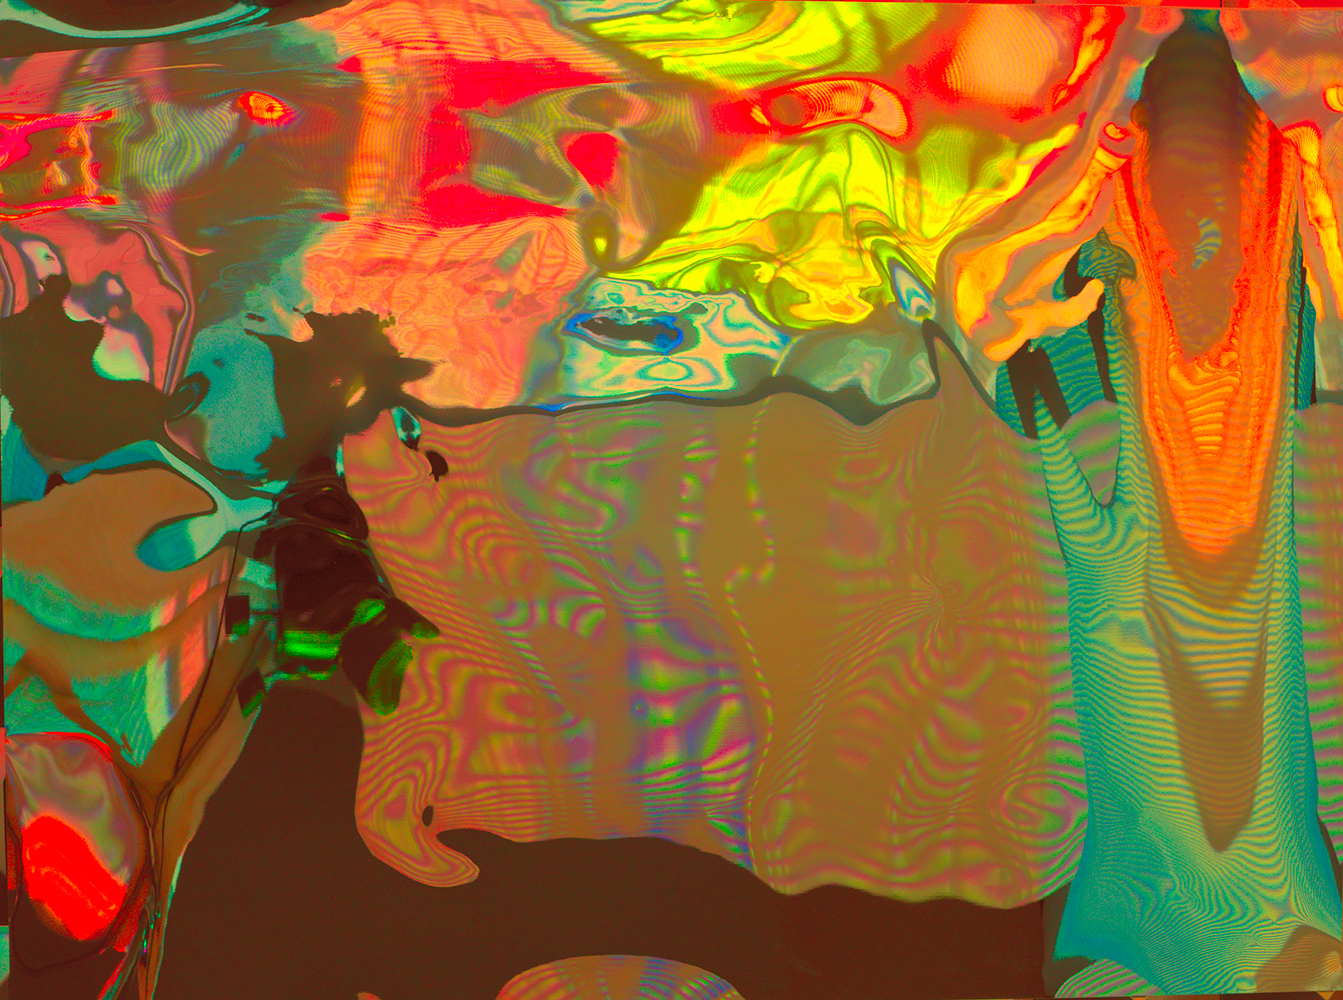 Elias Wessel  Hinter den Dingen 6 , 2017  Color Photograph  Original: 180 x 240.3 cm